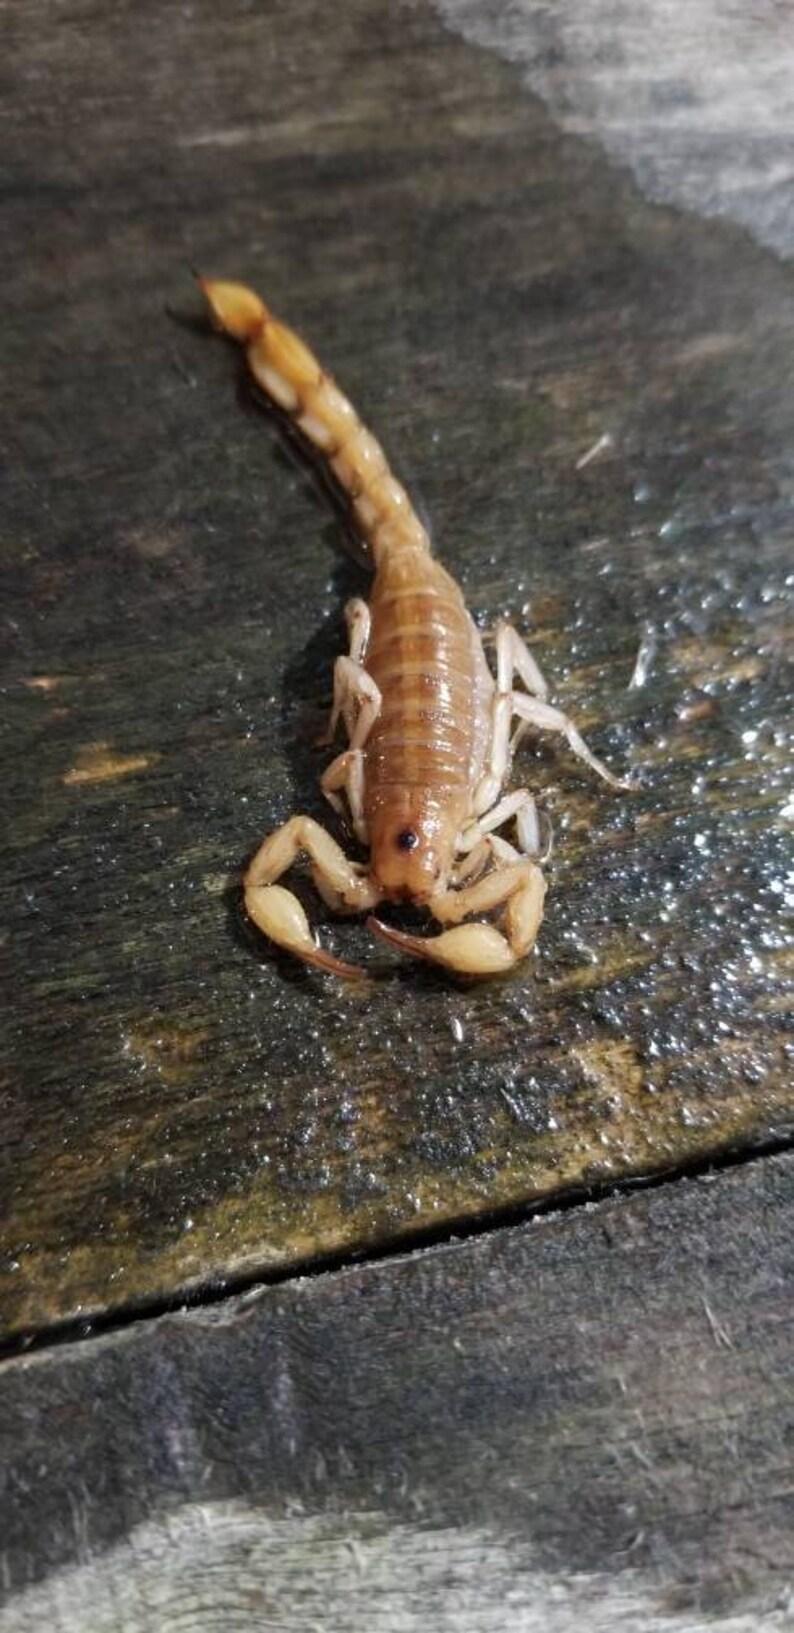 Wet specimen scorpion bug lizard snake taxidermy mount formalin fixed oddities Obscure